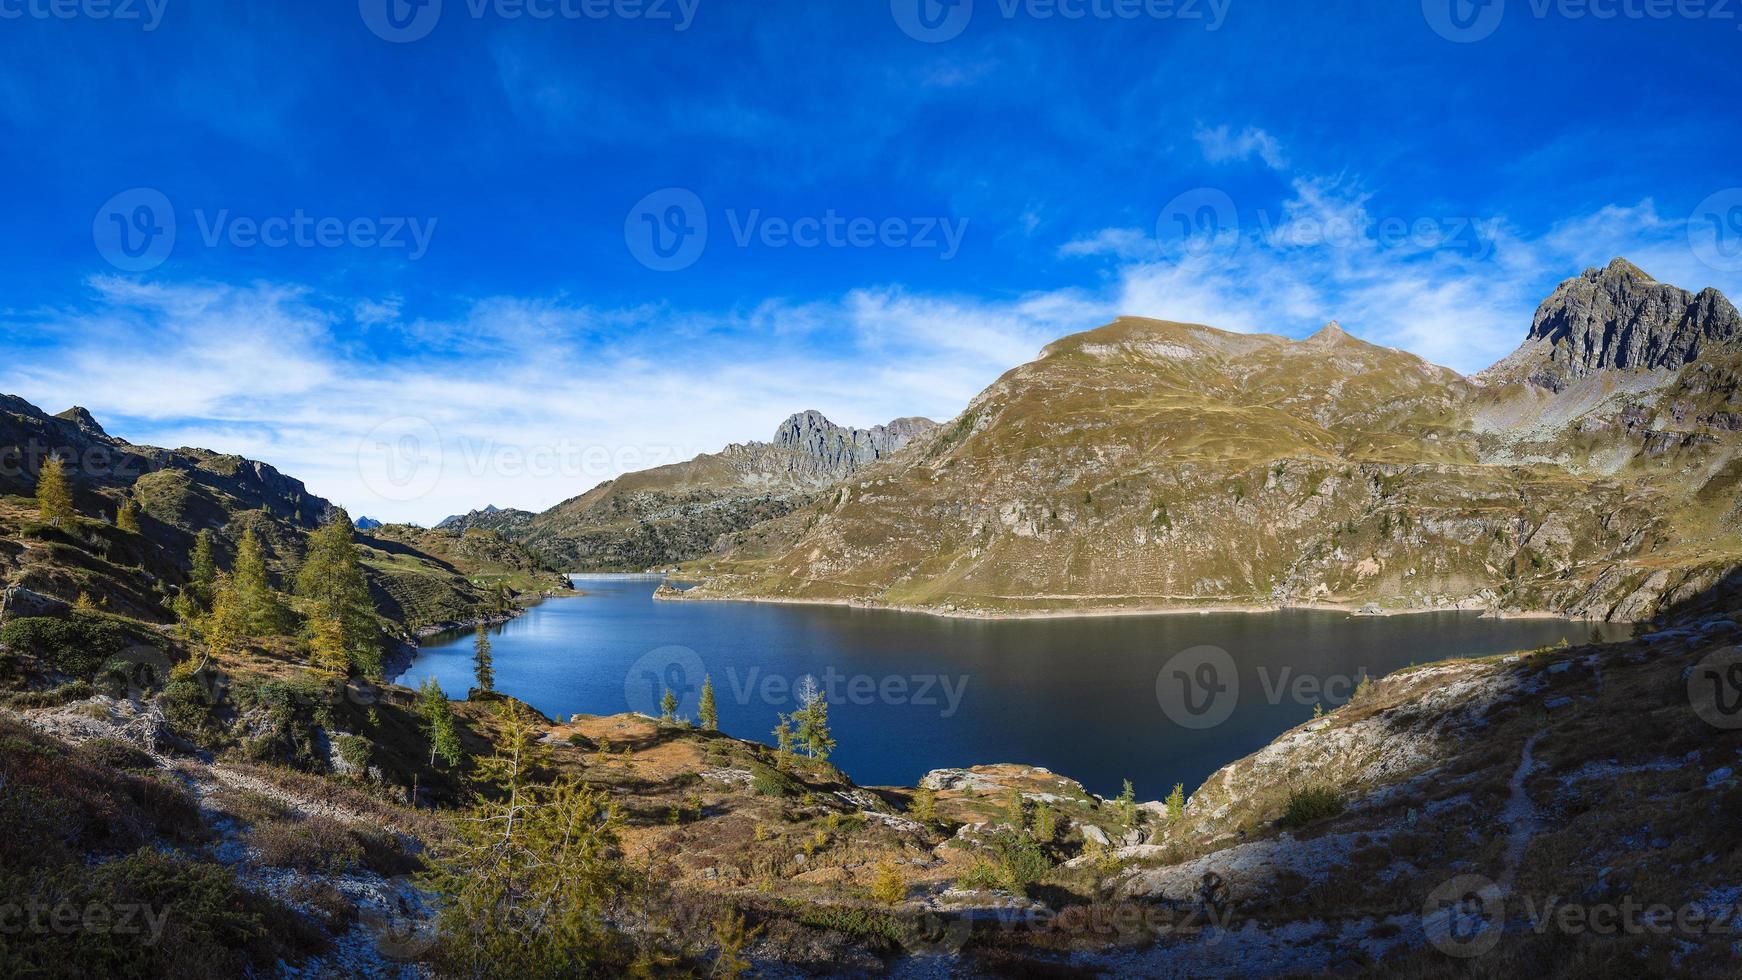 lagos gemelli. lago alpino de los alpes orobias en el norte de italia. foto